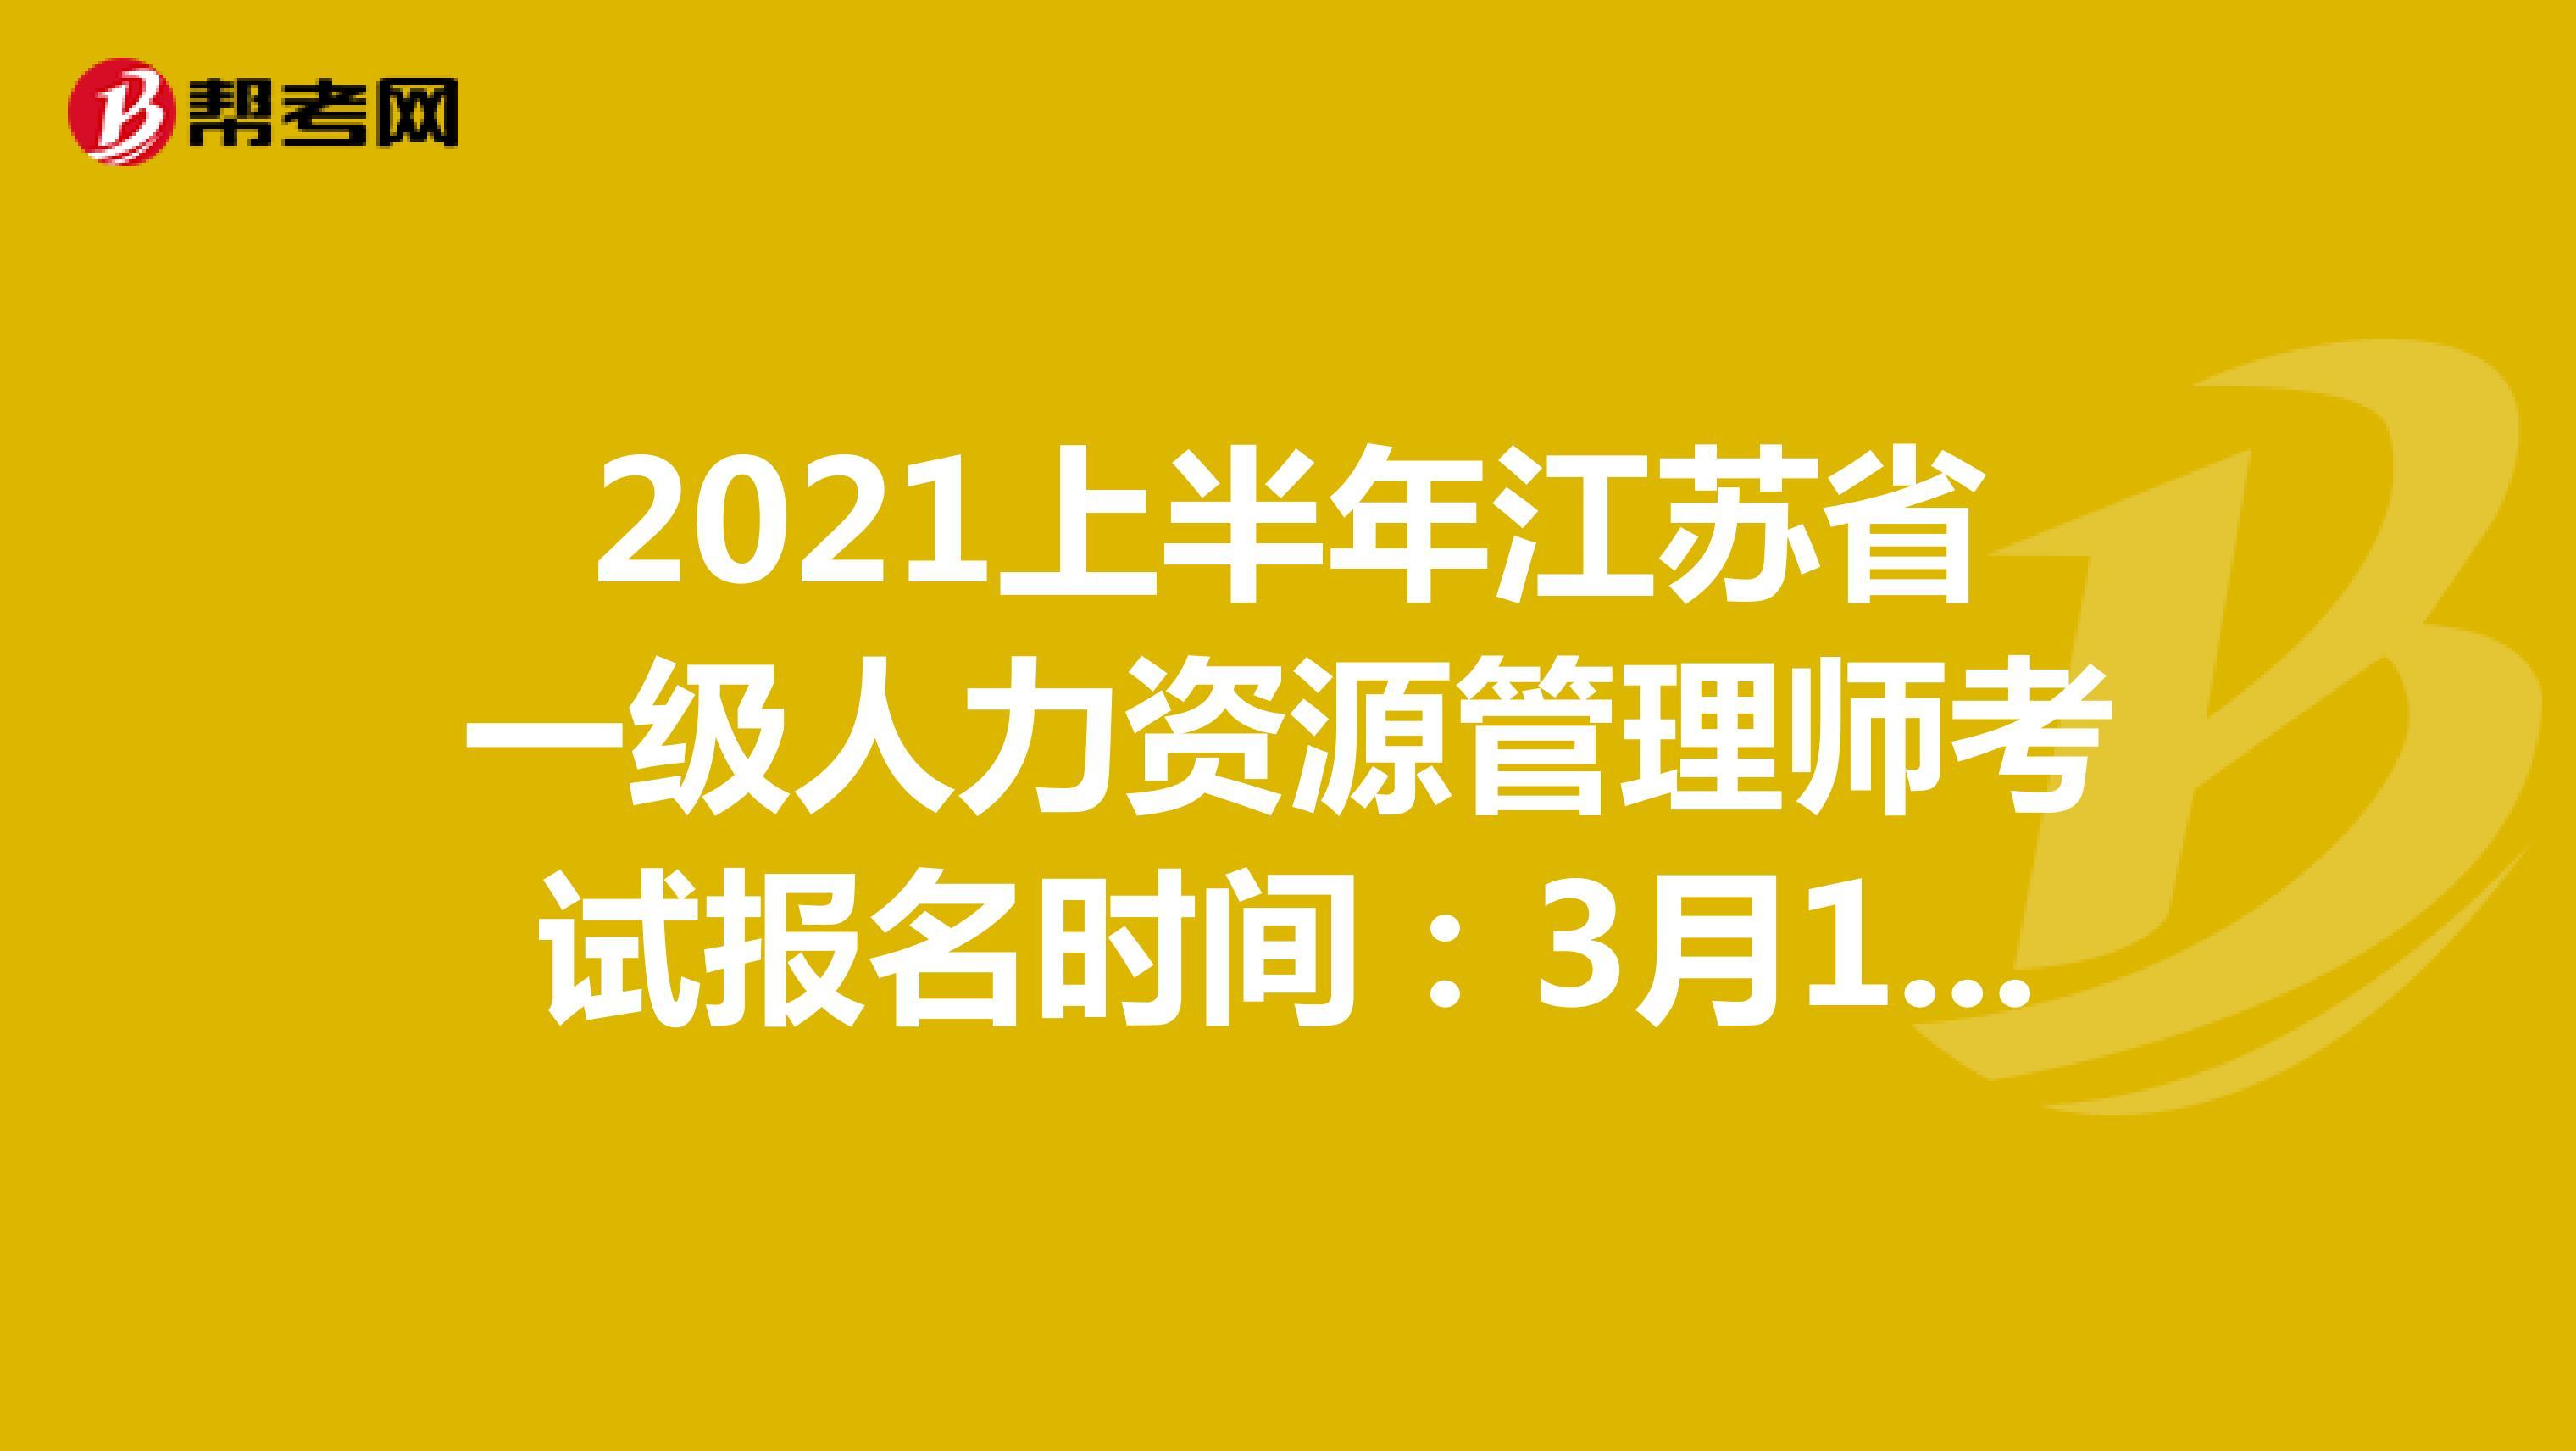 2021上半年江苏省一级人力资源管理师考试报名时间:3月18日-4月22日